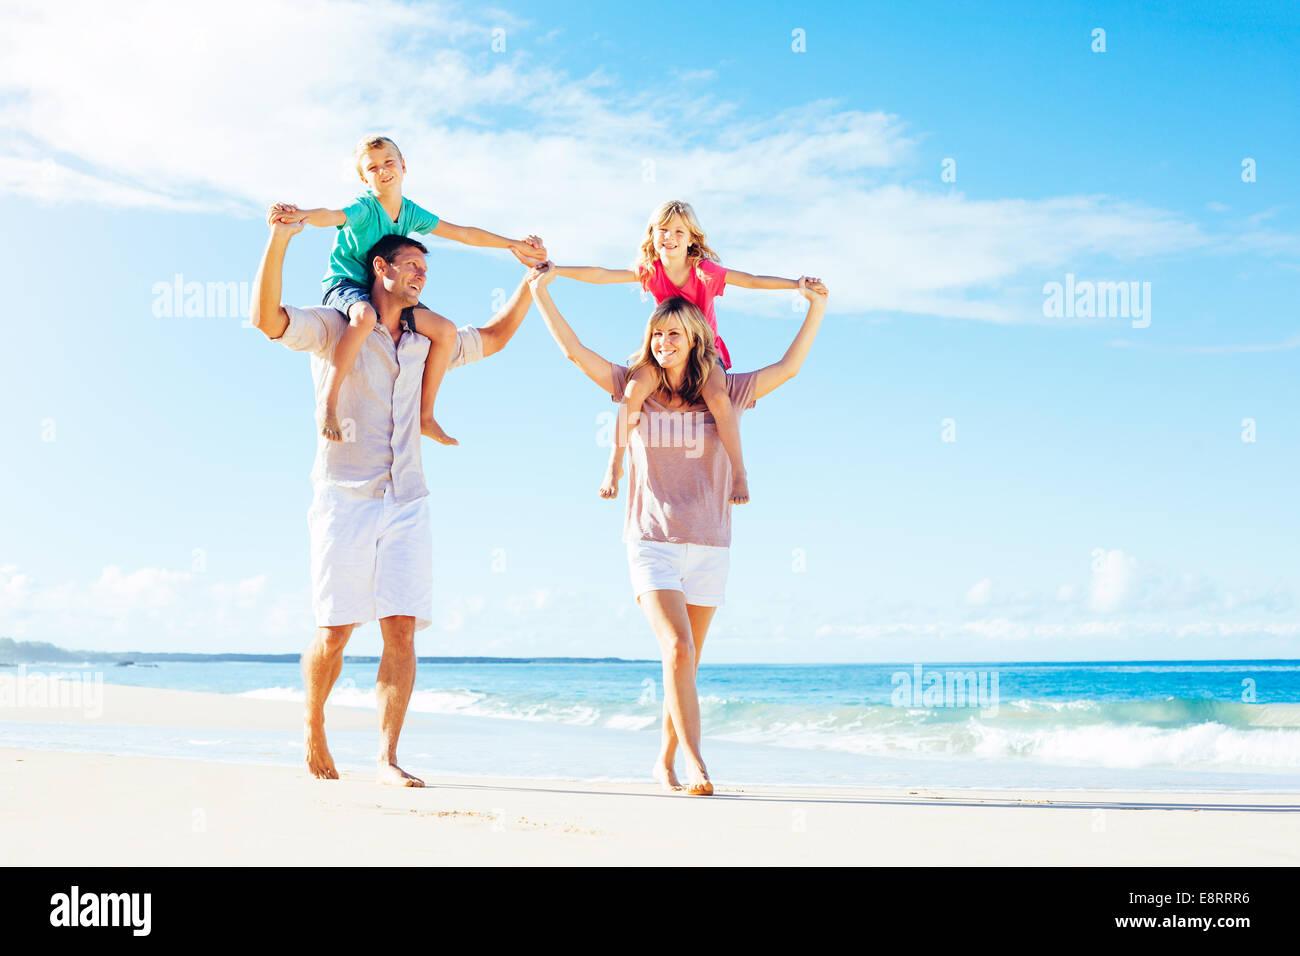 Photo de famille heureuse s'amusant sur la plage. Vie d'été. Photo Stock